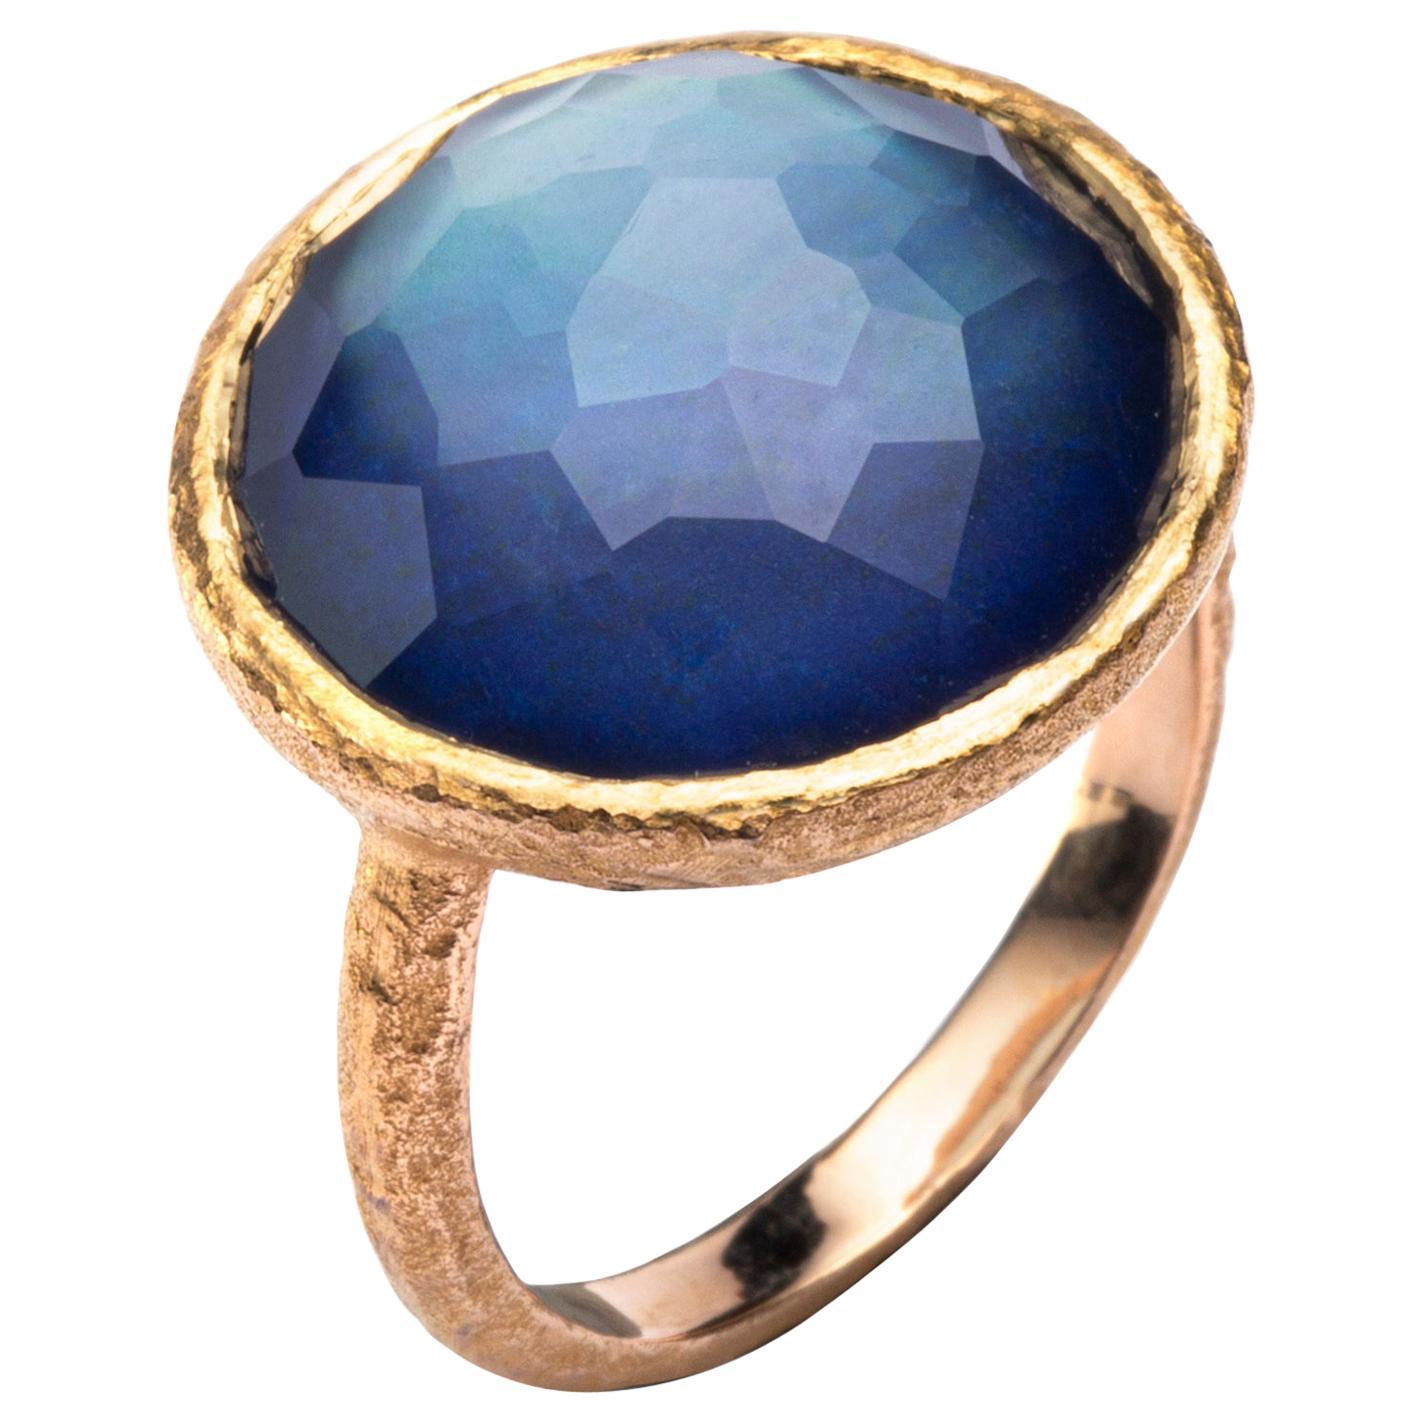 Alex Jona Quartz Lapis Lazuli 18 Karat Yellow Gold Ring